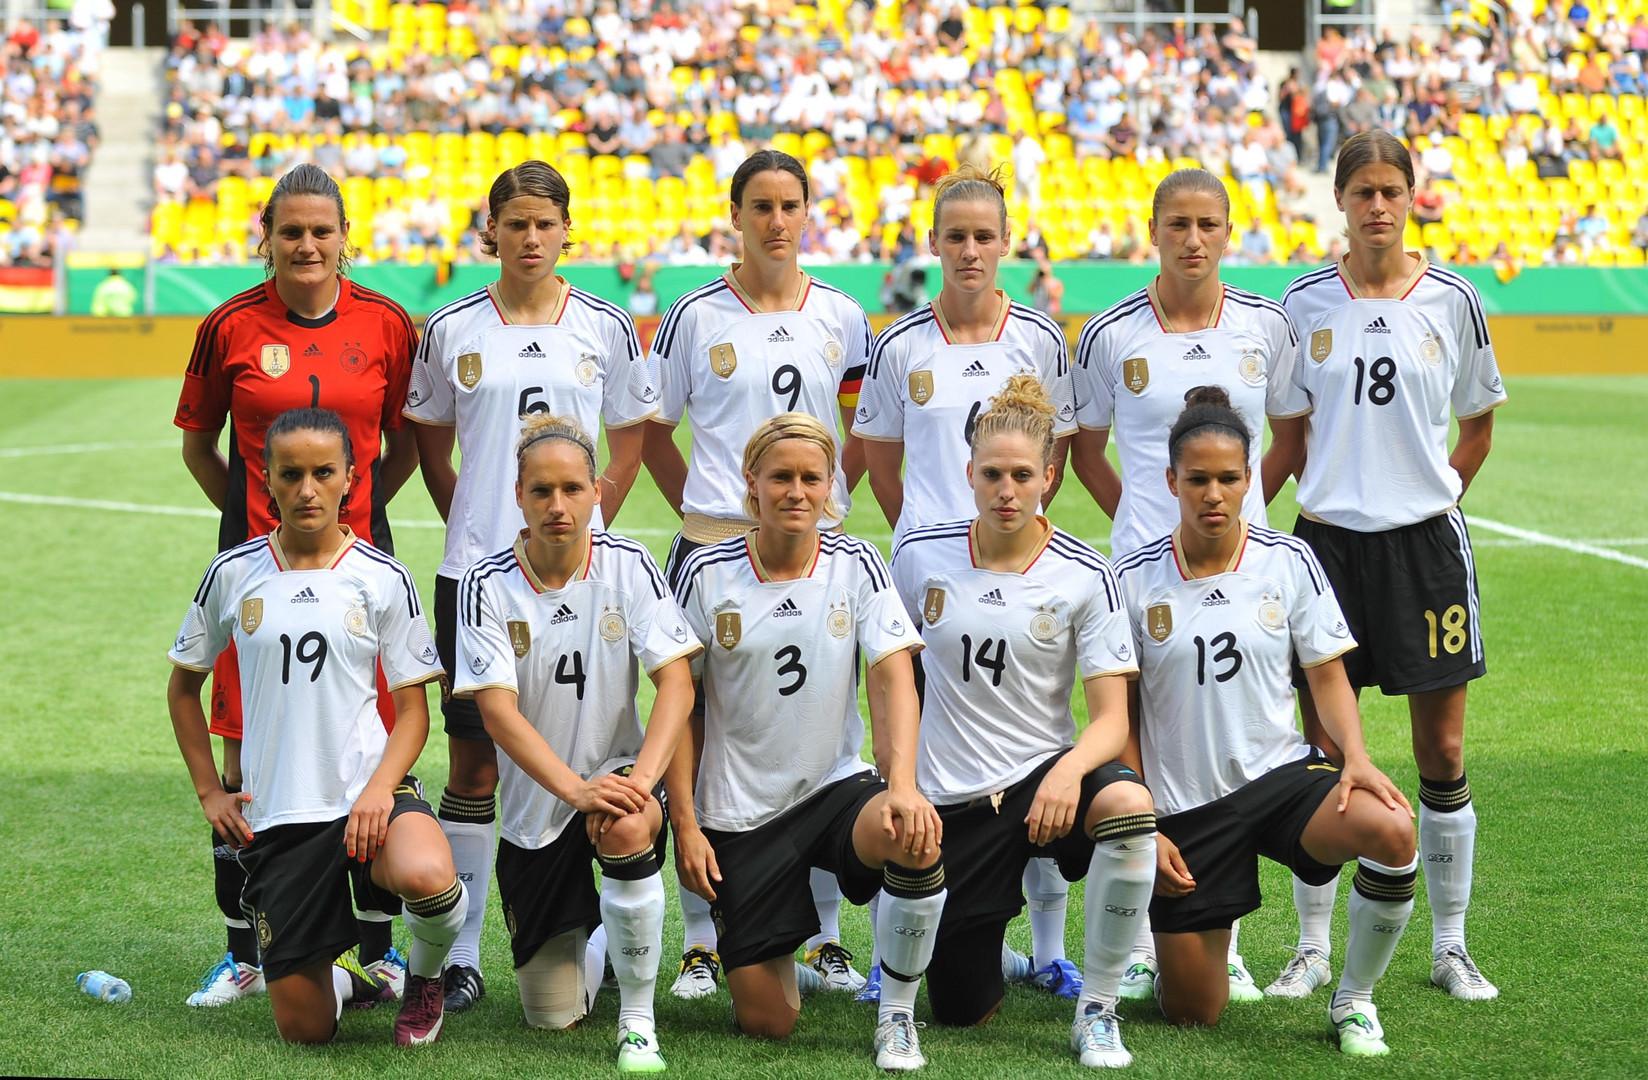 Frauenfußball Nationalmannschaft